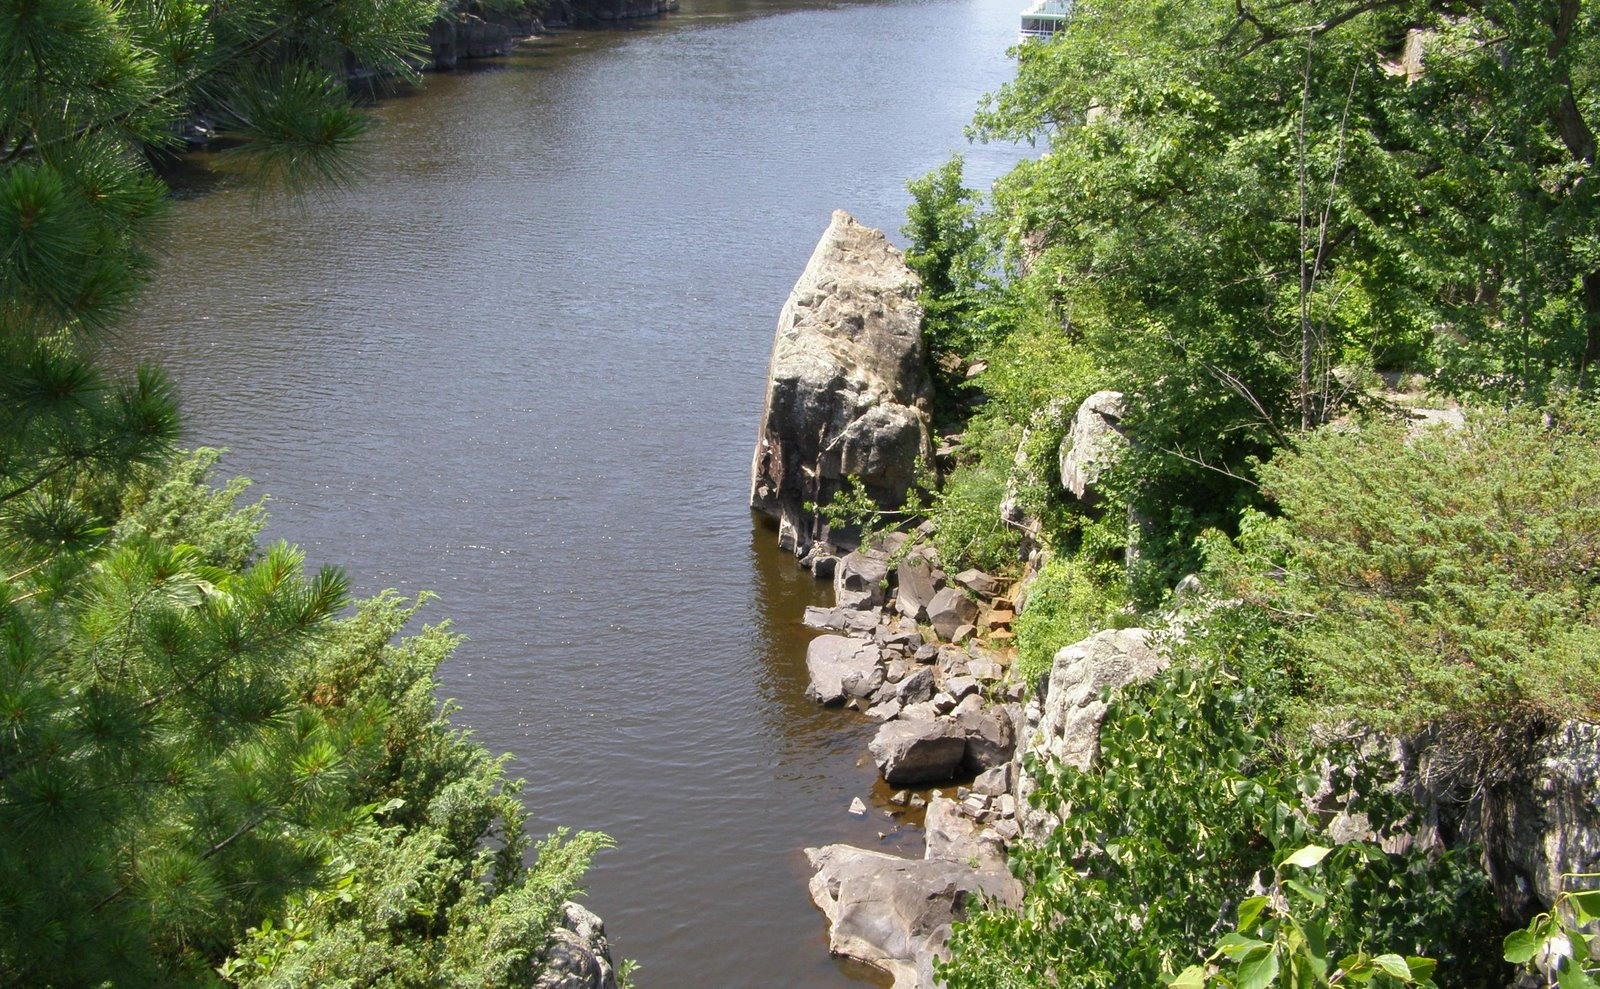 st. croix river, taylors falls, minnesota